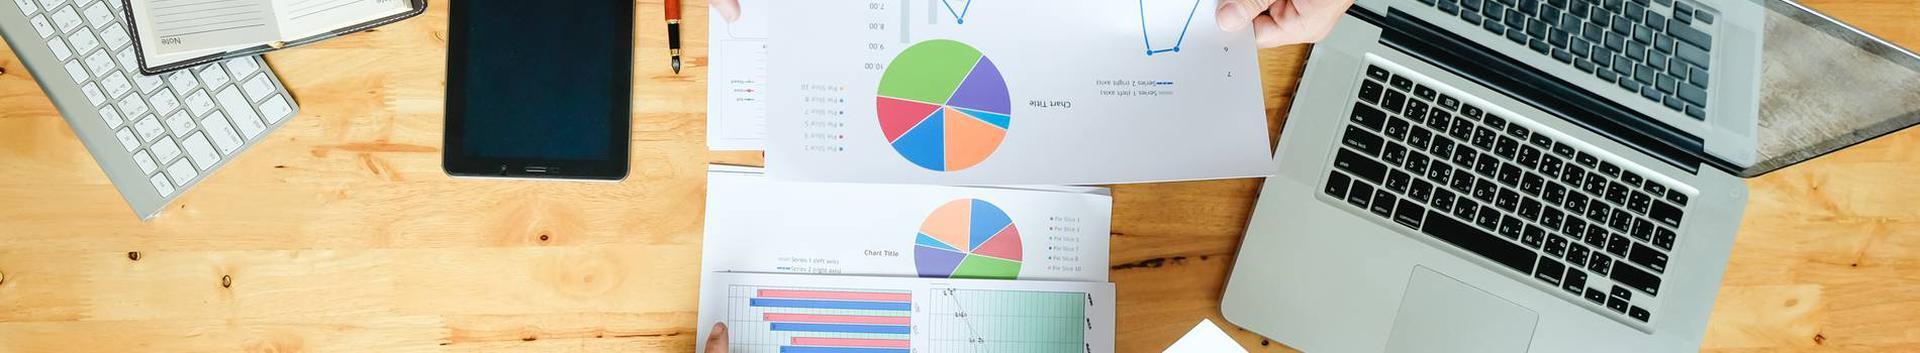 62021_arvutialased-konsultatsioonid_26237001_xl.jpg